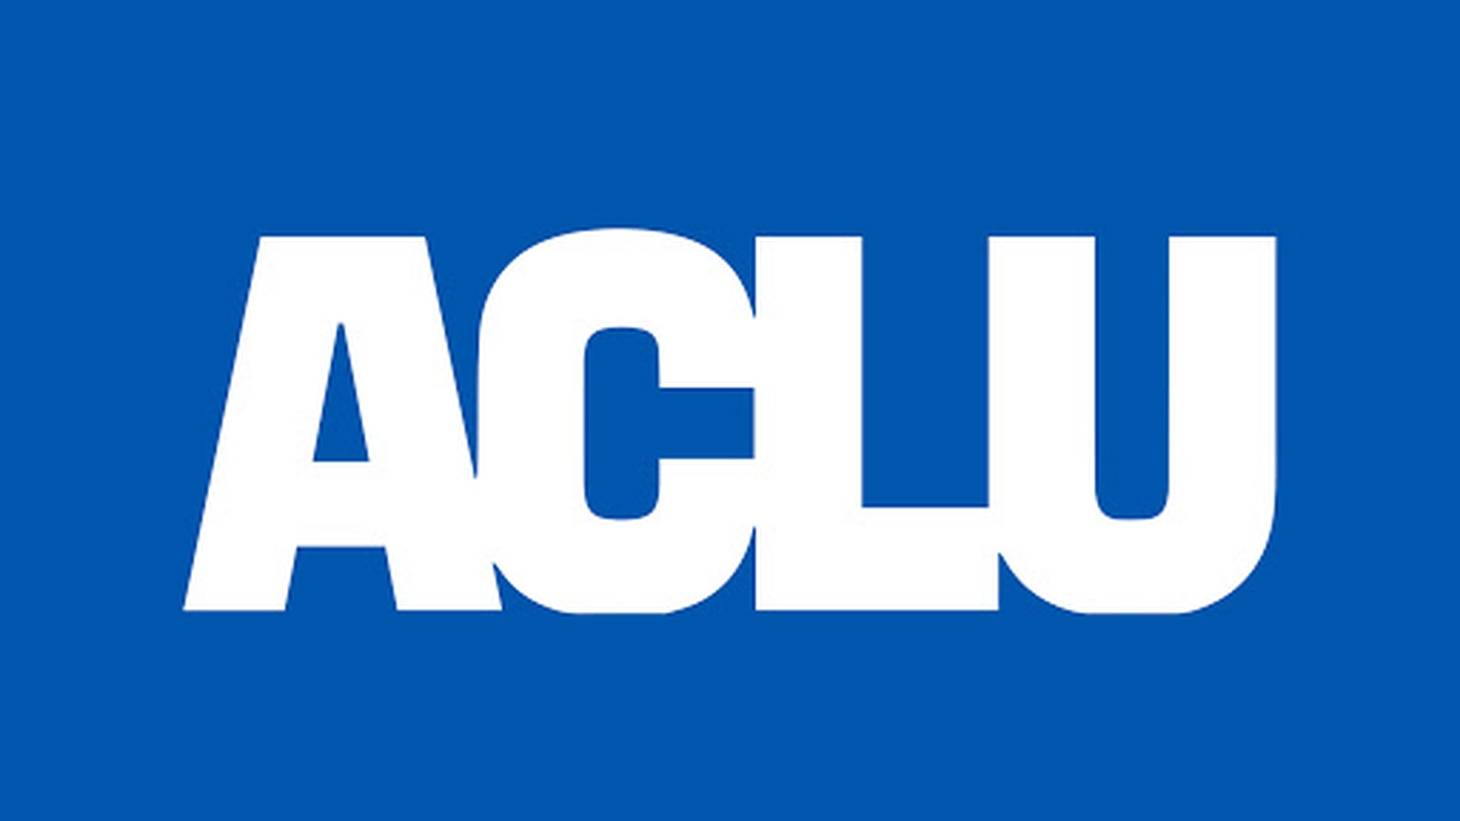 ACLU logo, introduced in 2017.